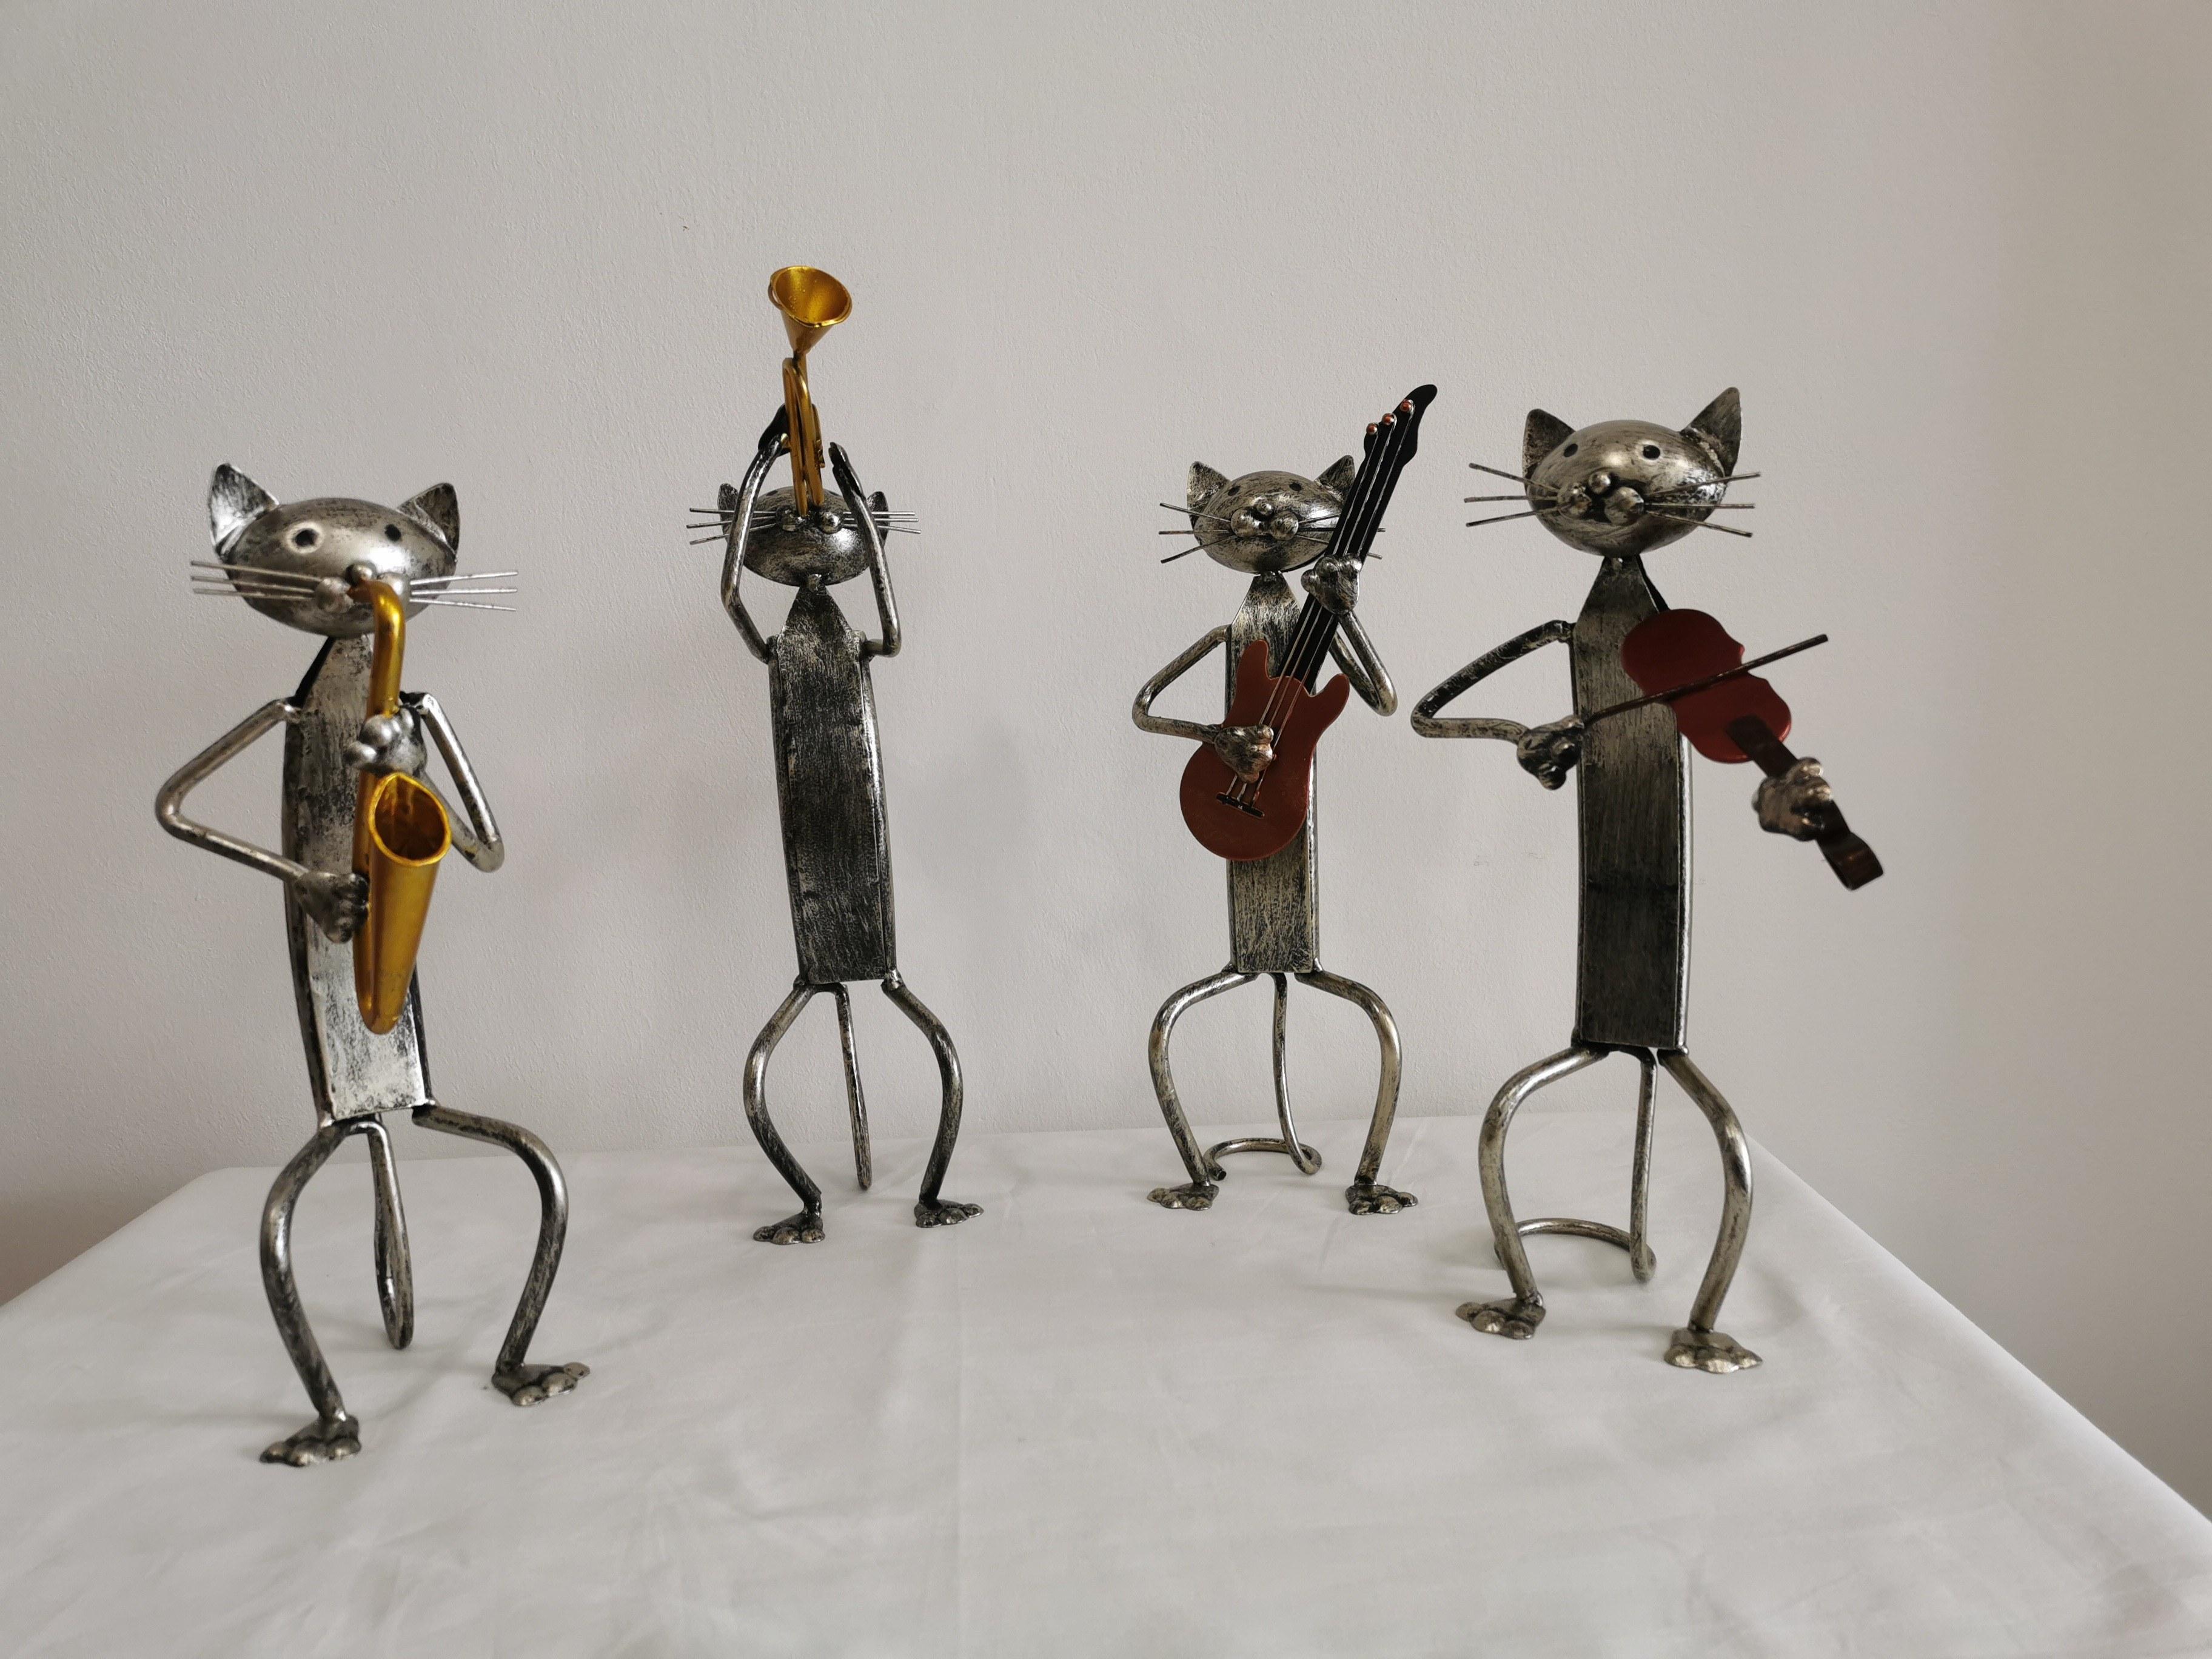 statuette chat musicien en métal